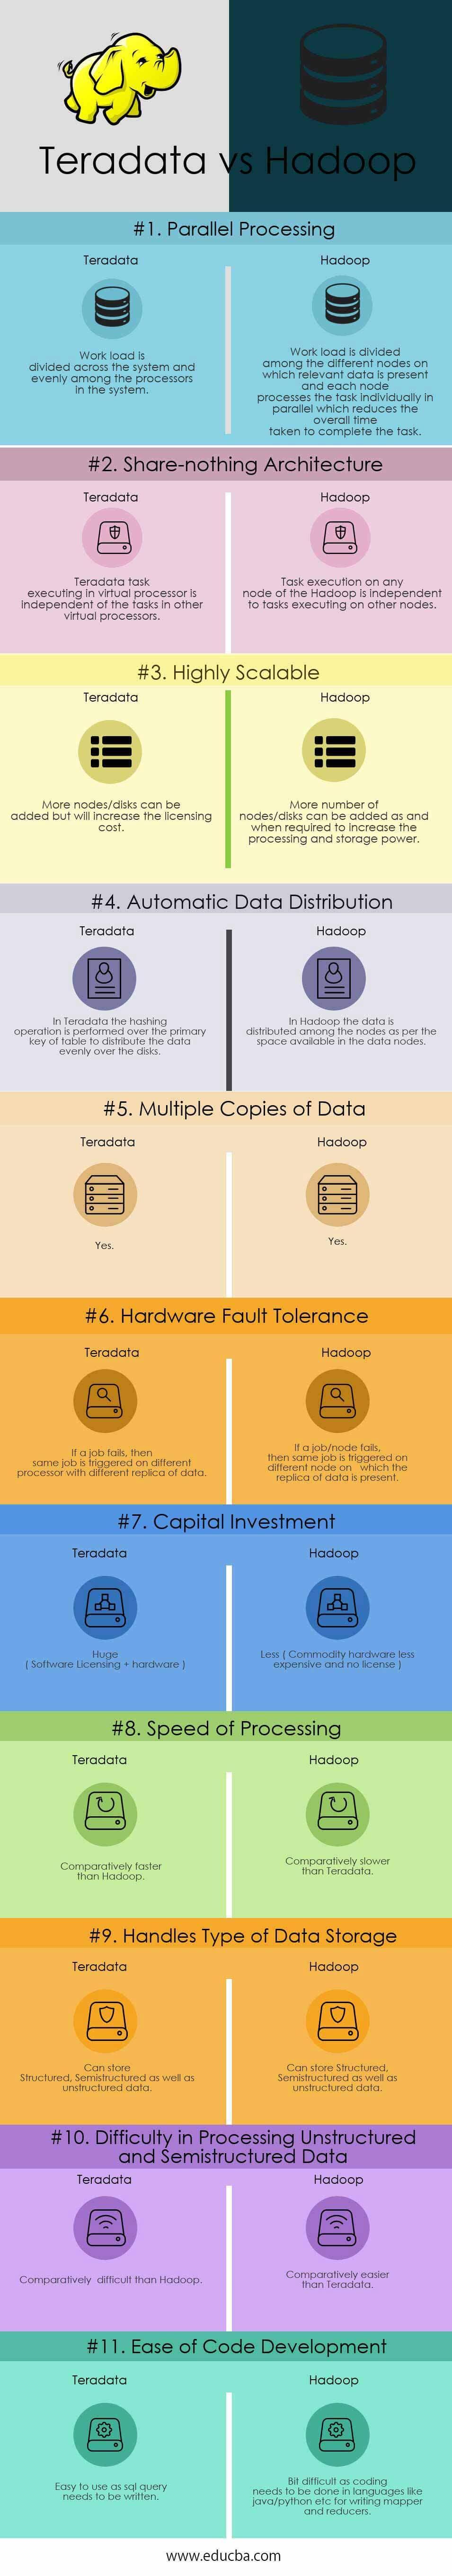 Teradata vs Hadoop